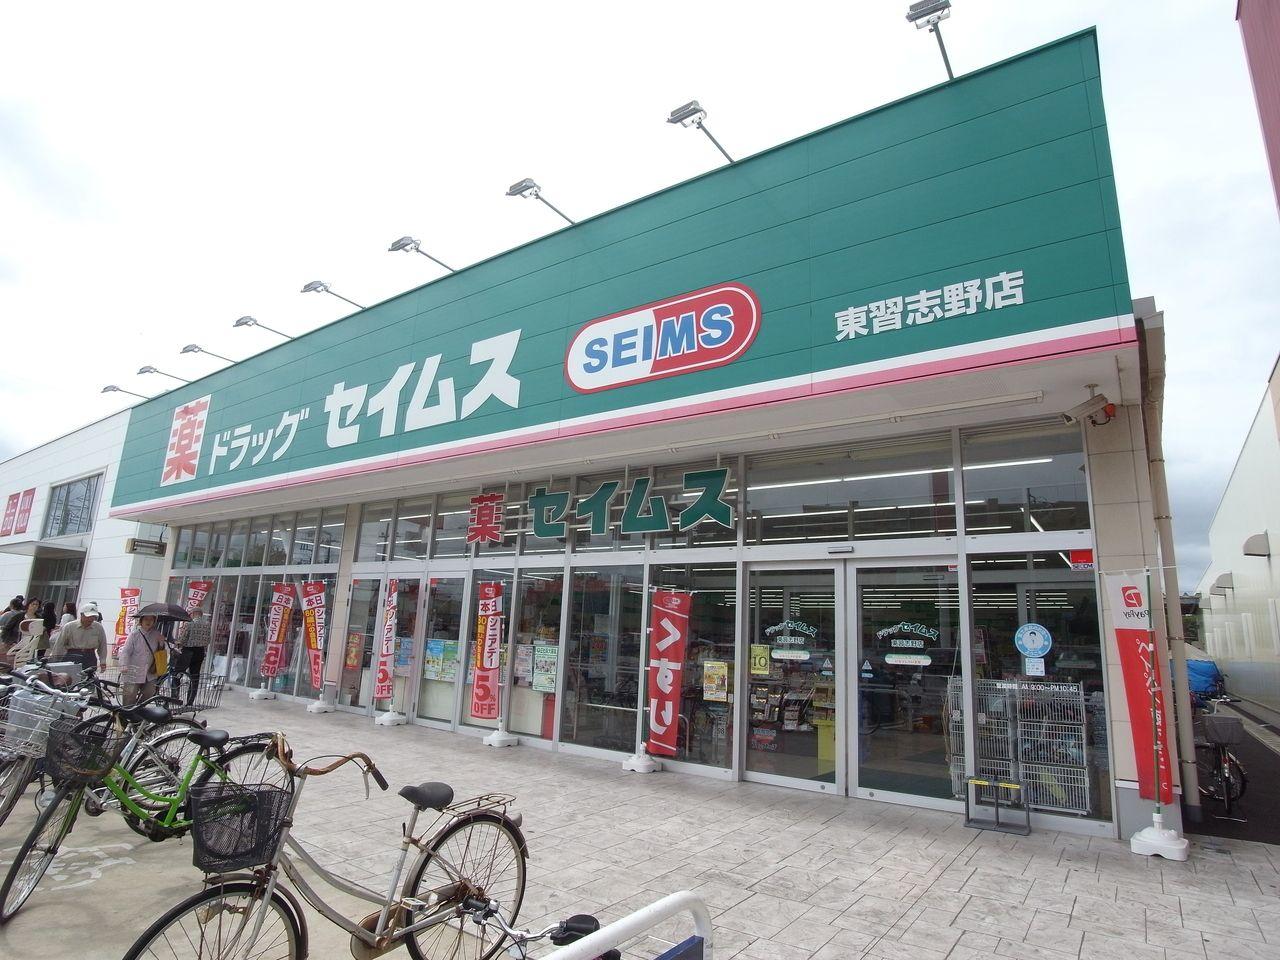 スーパーカスミと同じ商業施設にあります。お隣にはマクドナルドもございます。